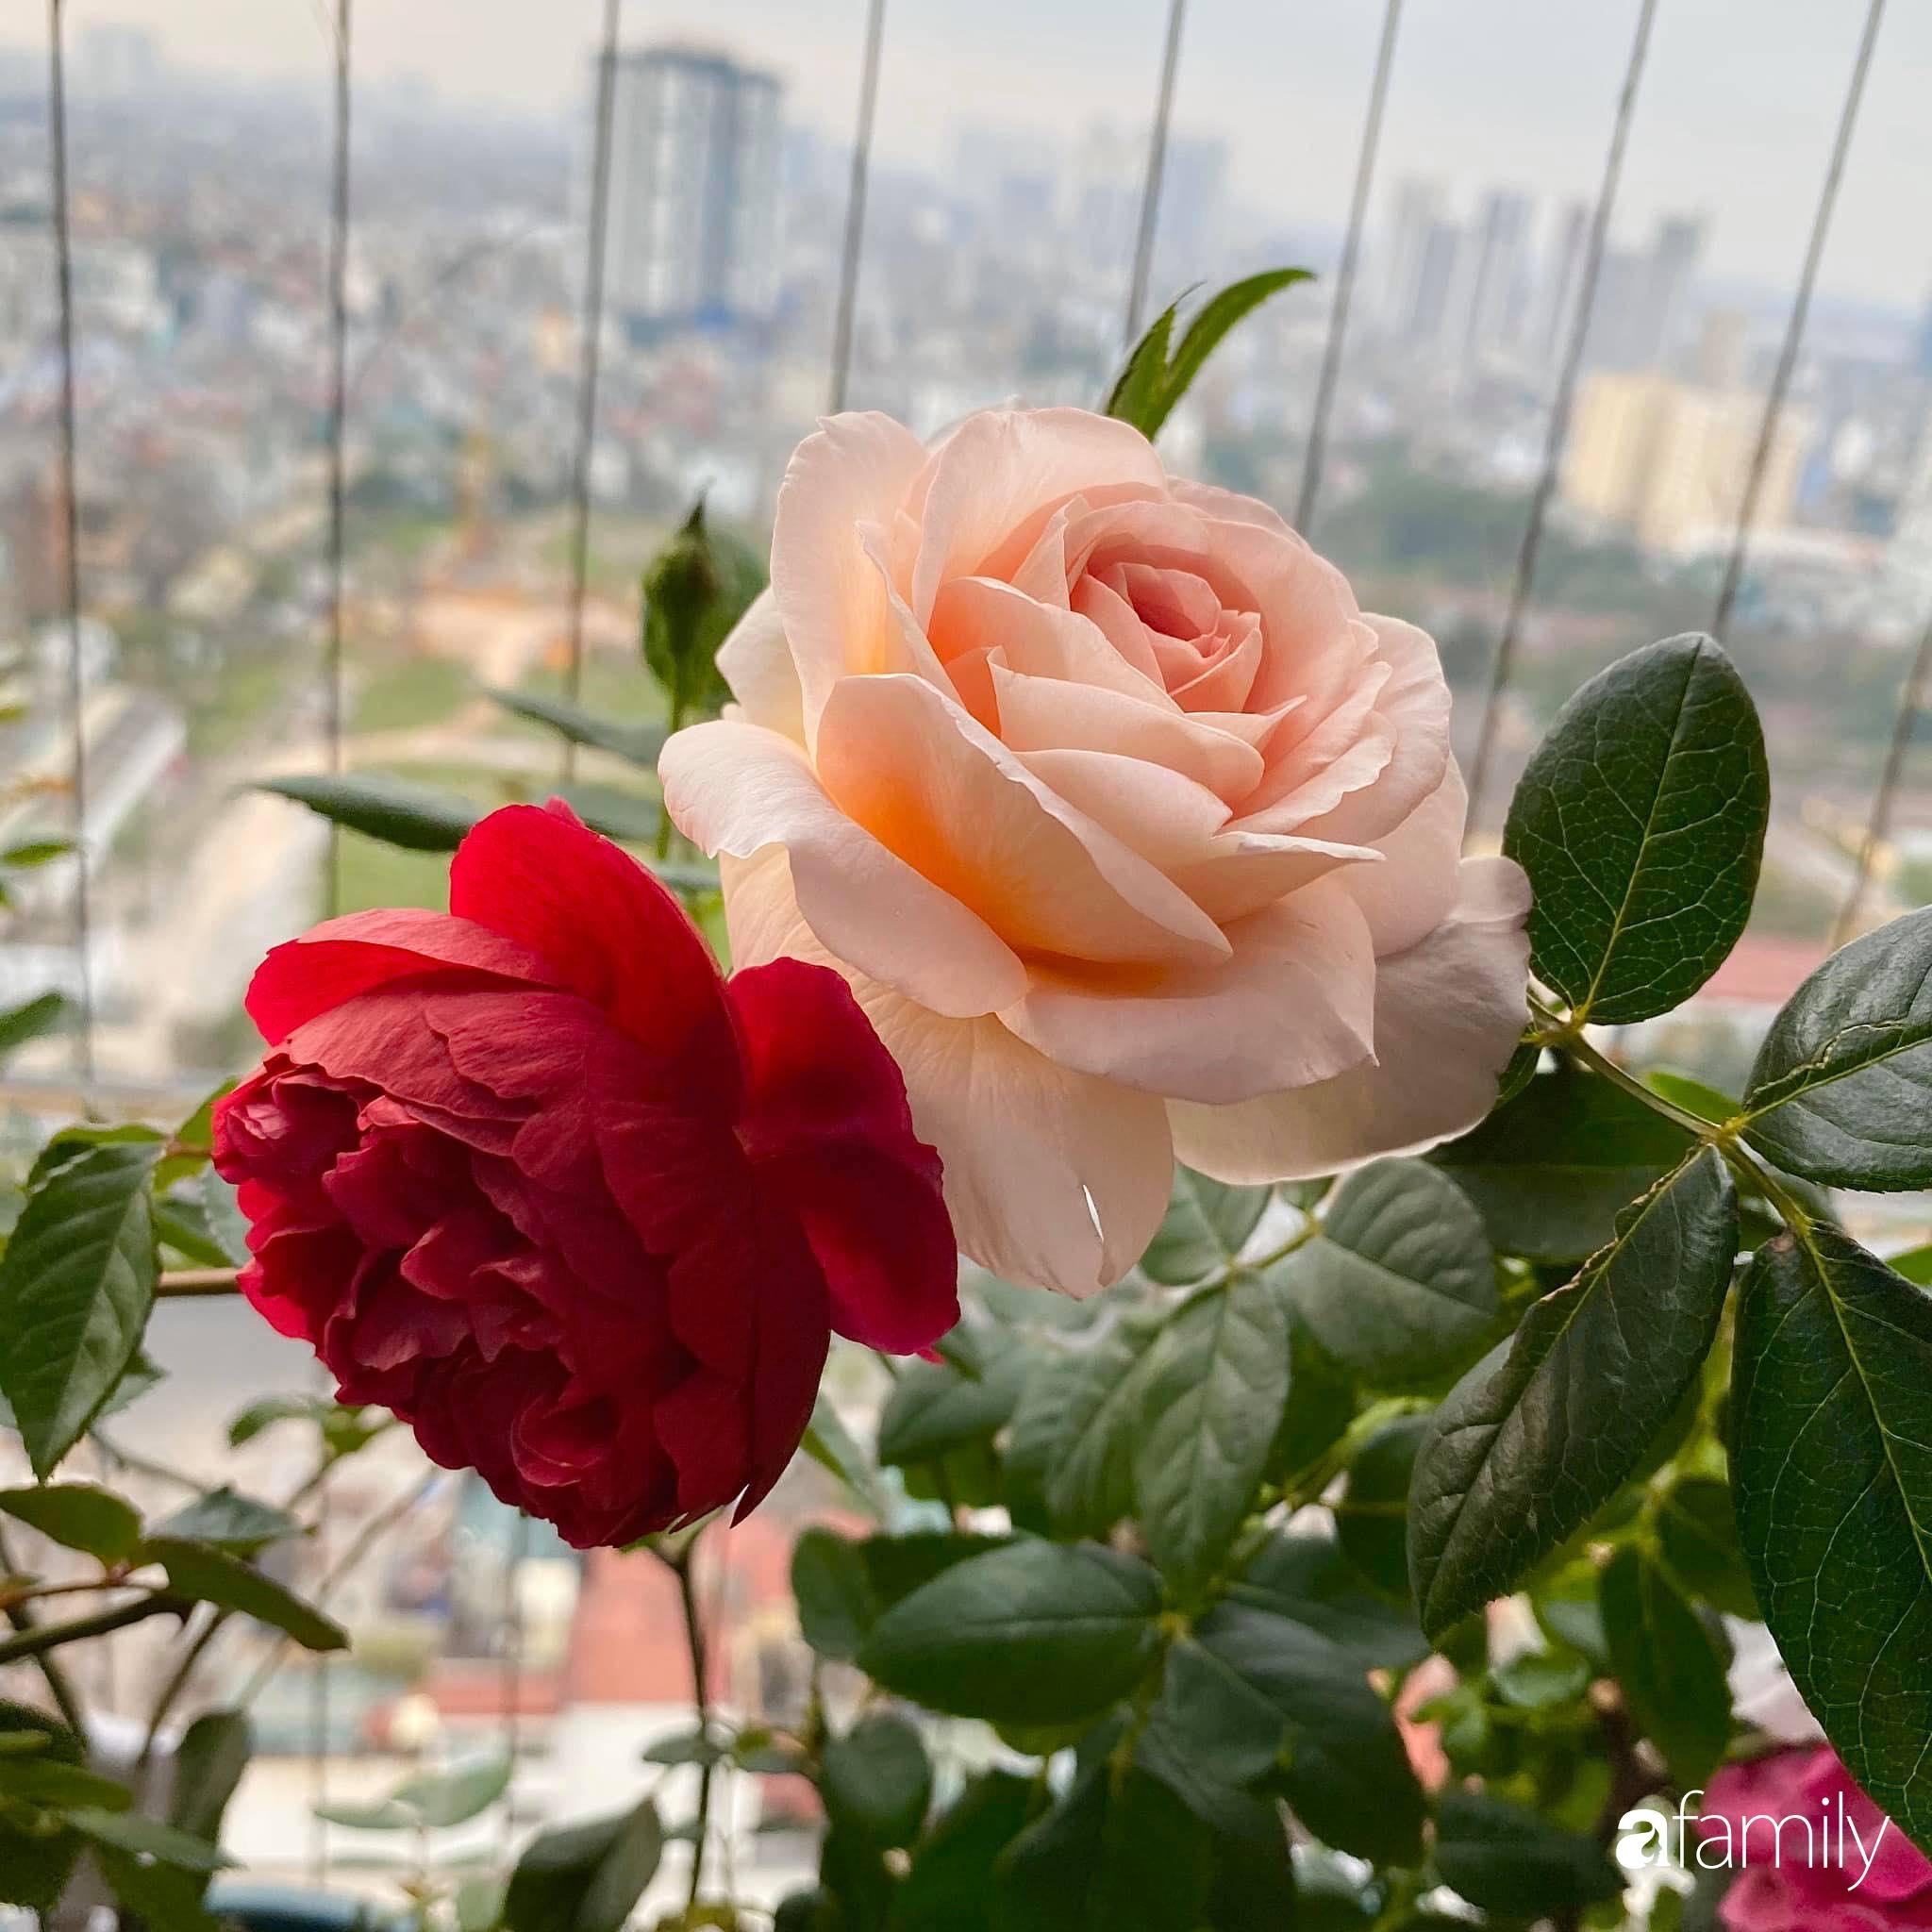 Mẹo hay của mẹ trẻ Hà Nội giúp bạn tự mua phụ kiện tạo vườn hồng đẹp mê ly ở ban công - Ảnh 1.